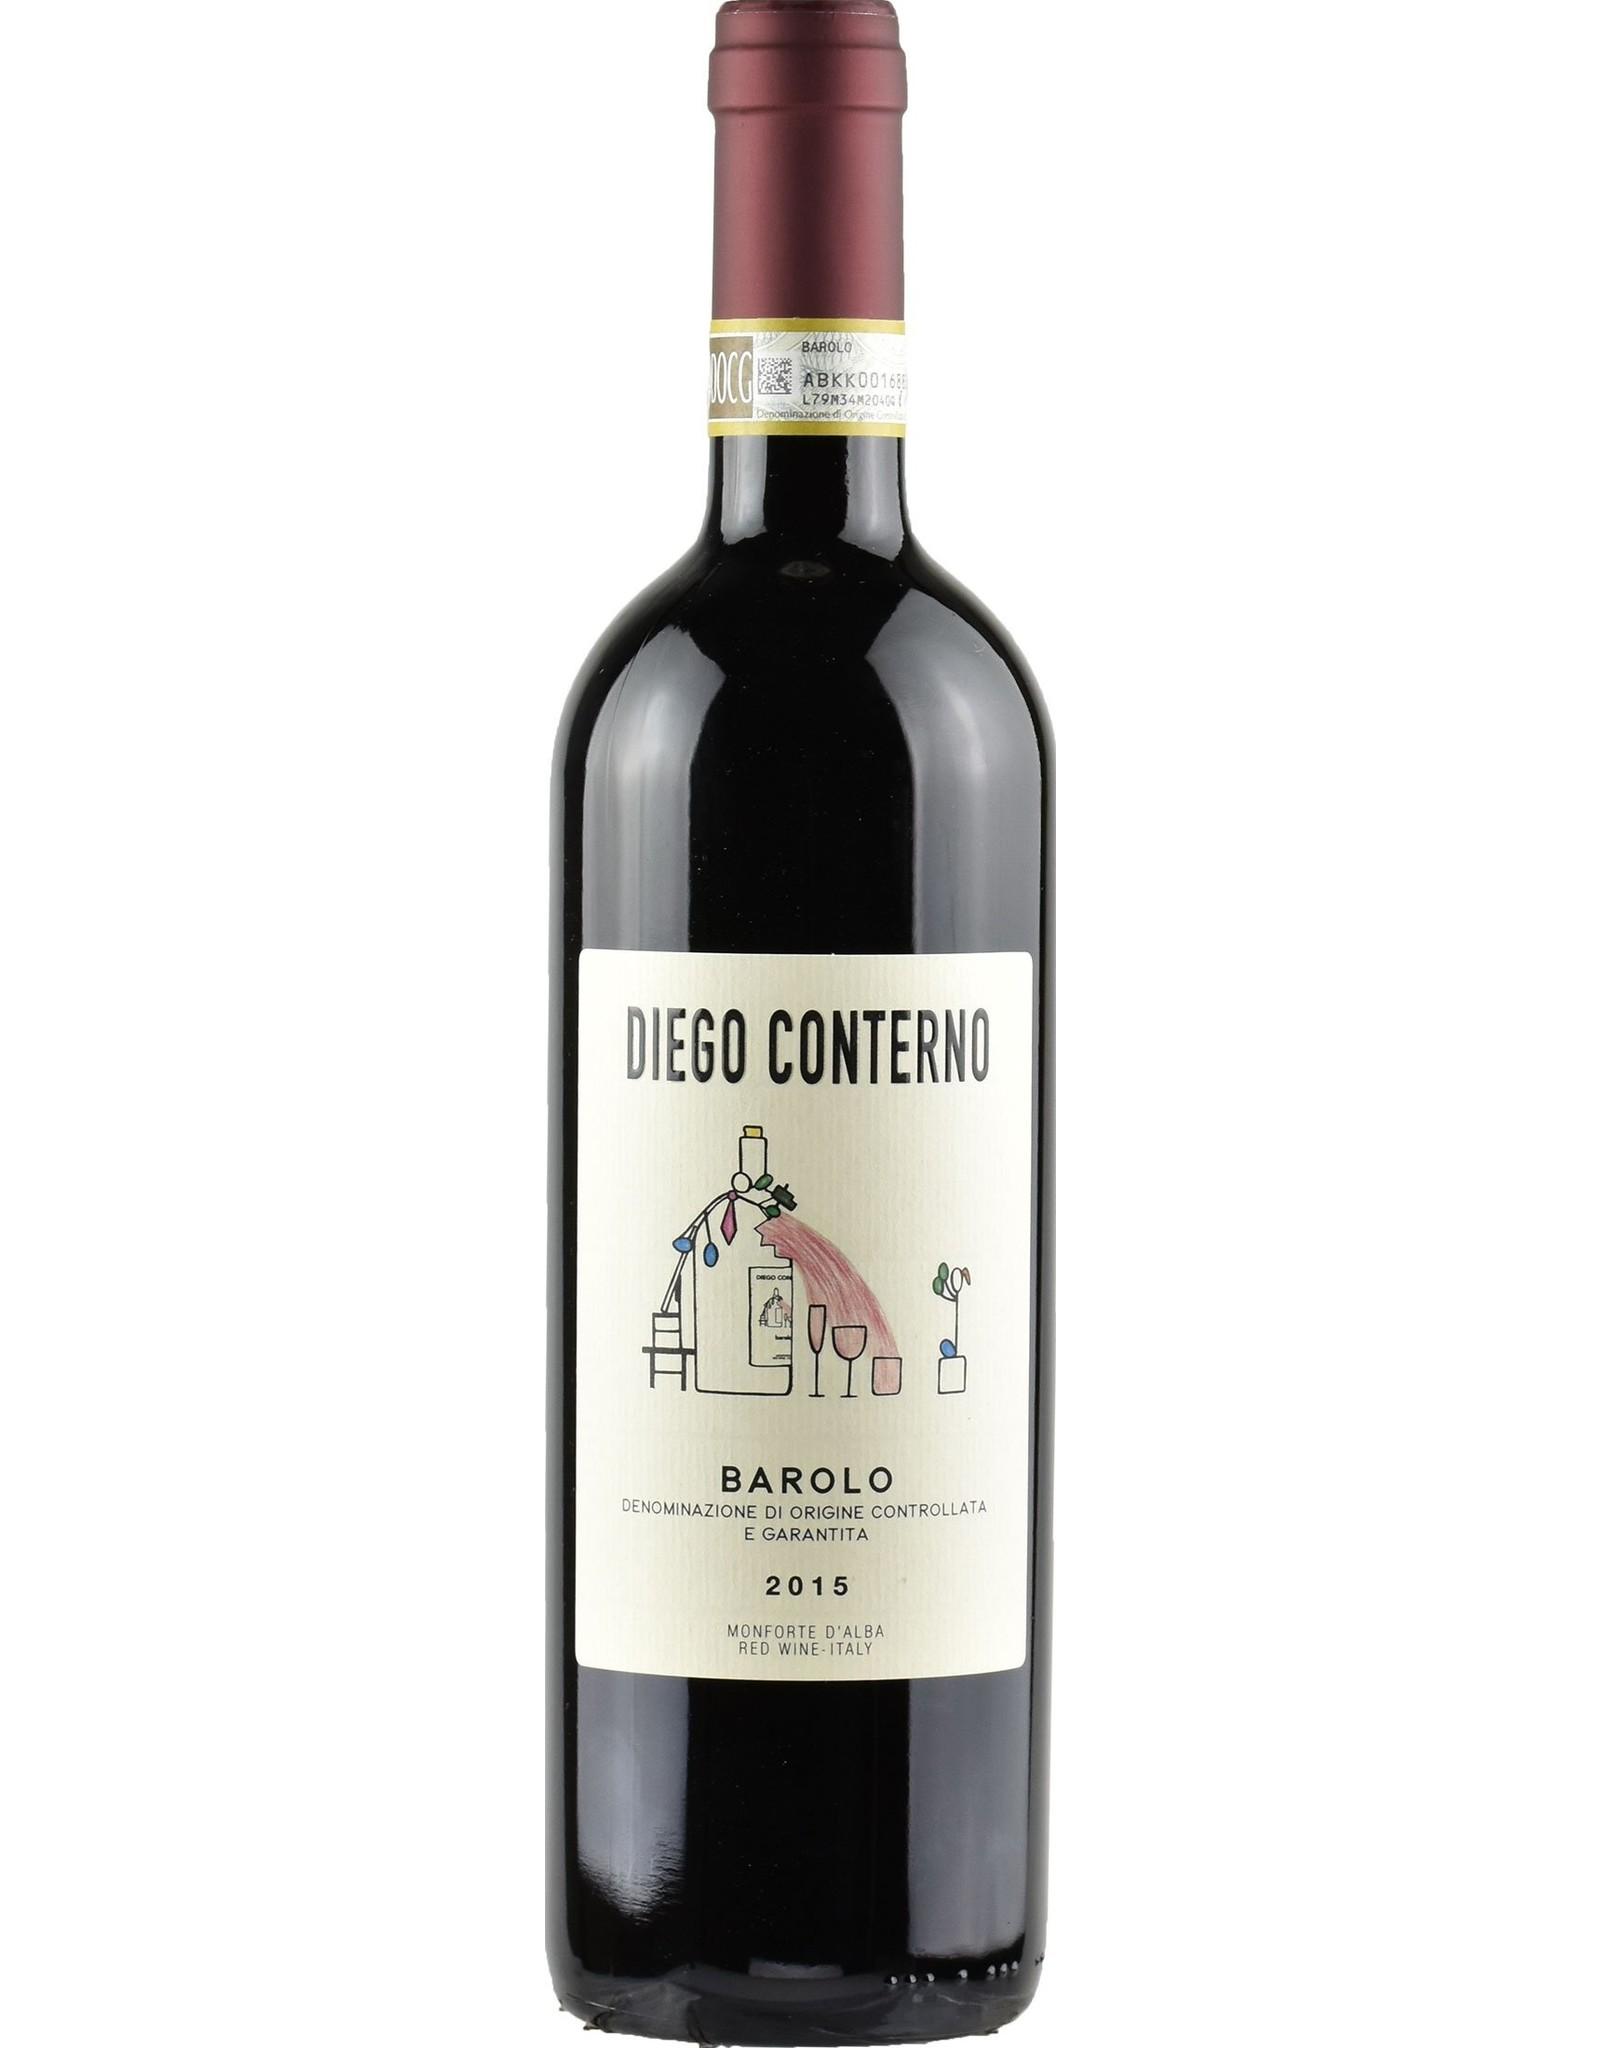 Diego Conterno Barolo